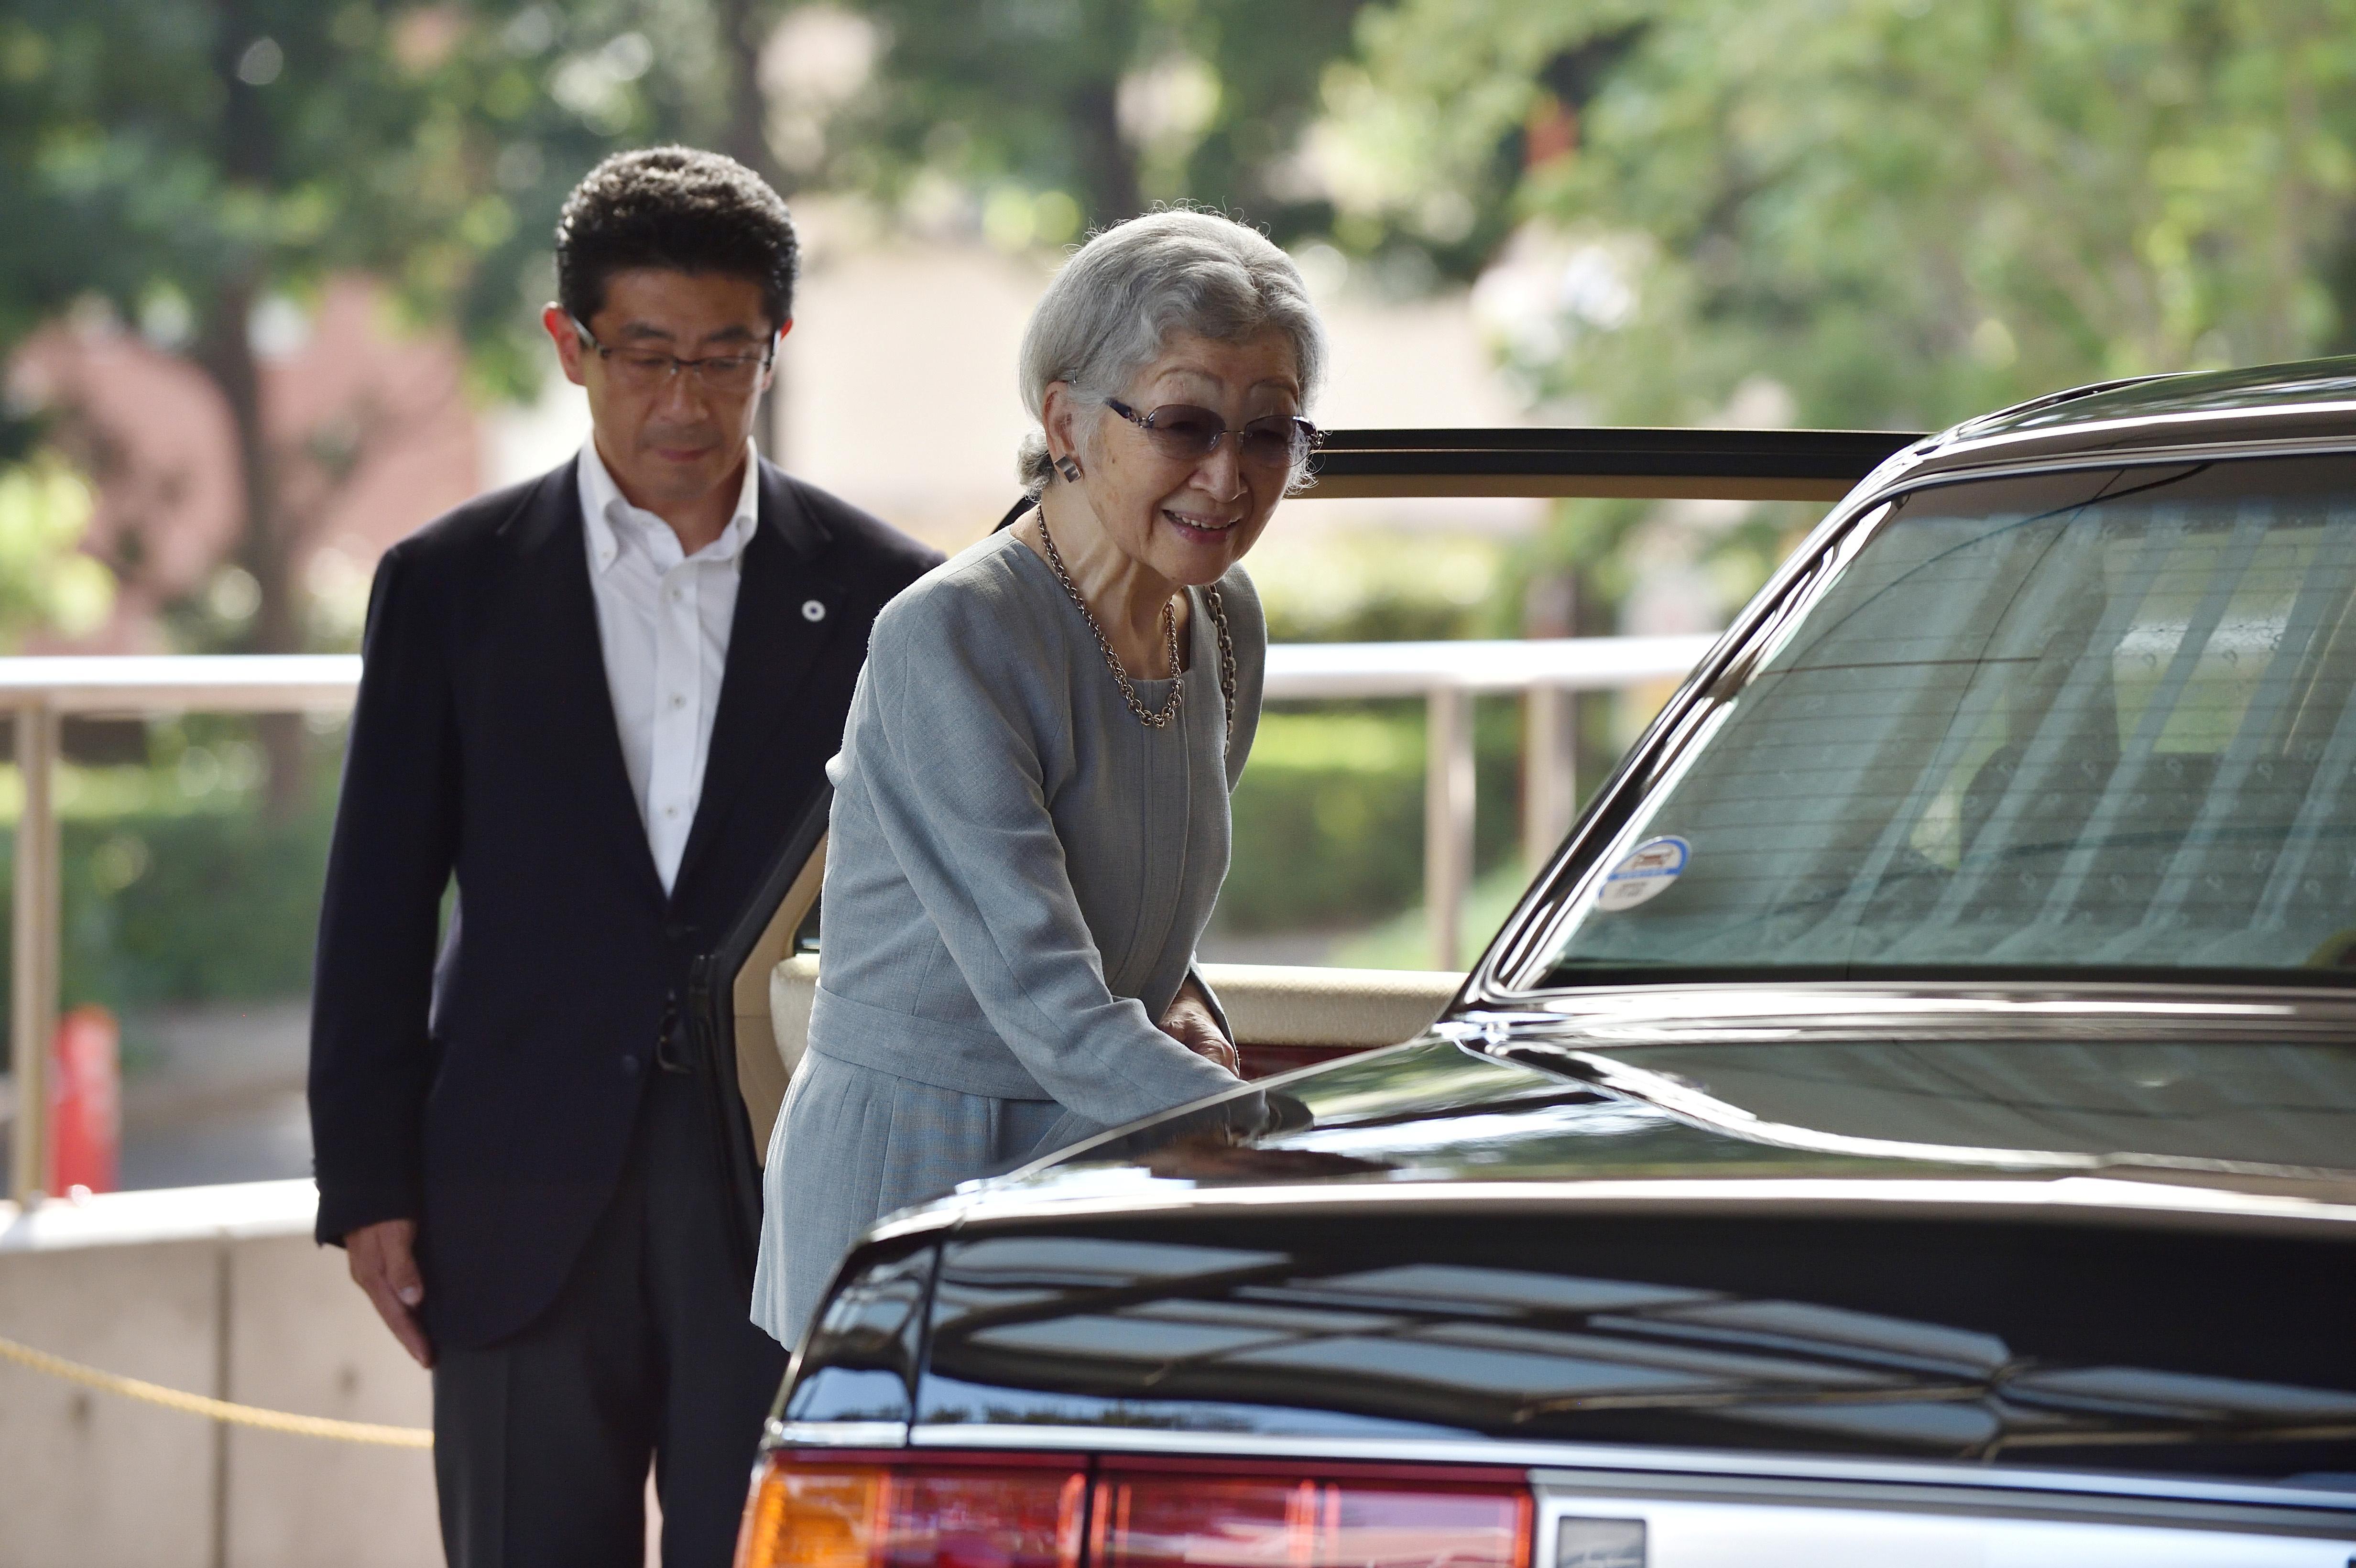 Japan's Empress Emerita Michiko losing weight, poorly since...